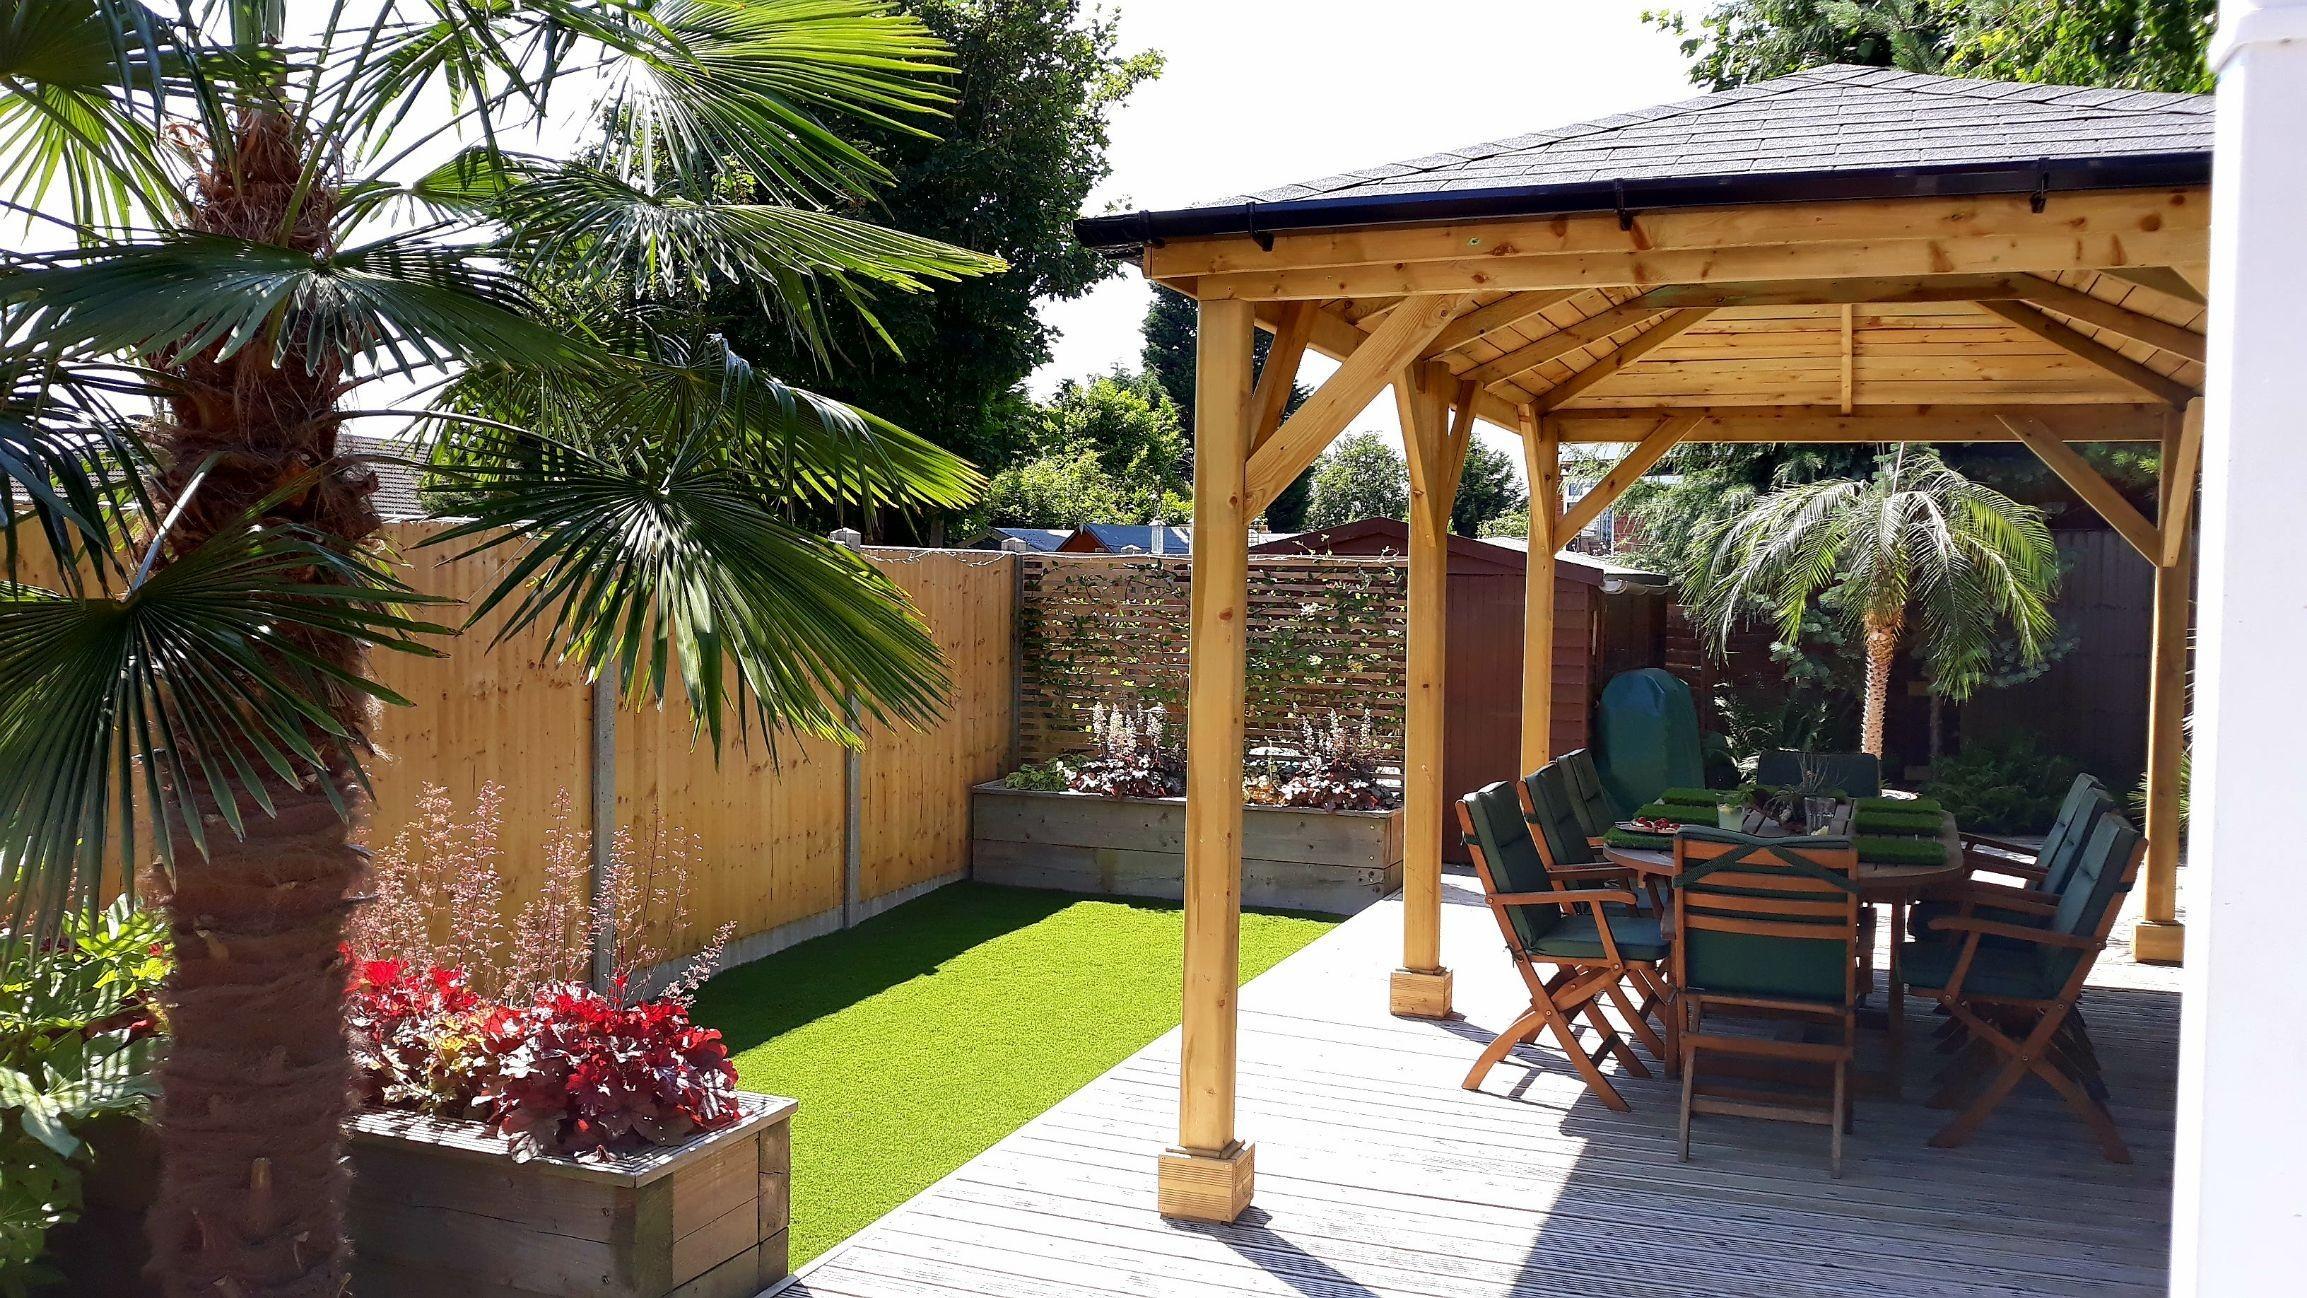 #ARTTRAGrass #artificialgrass installation for your #backyard #garden